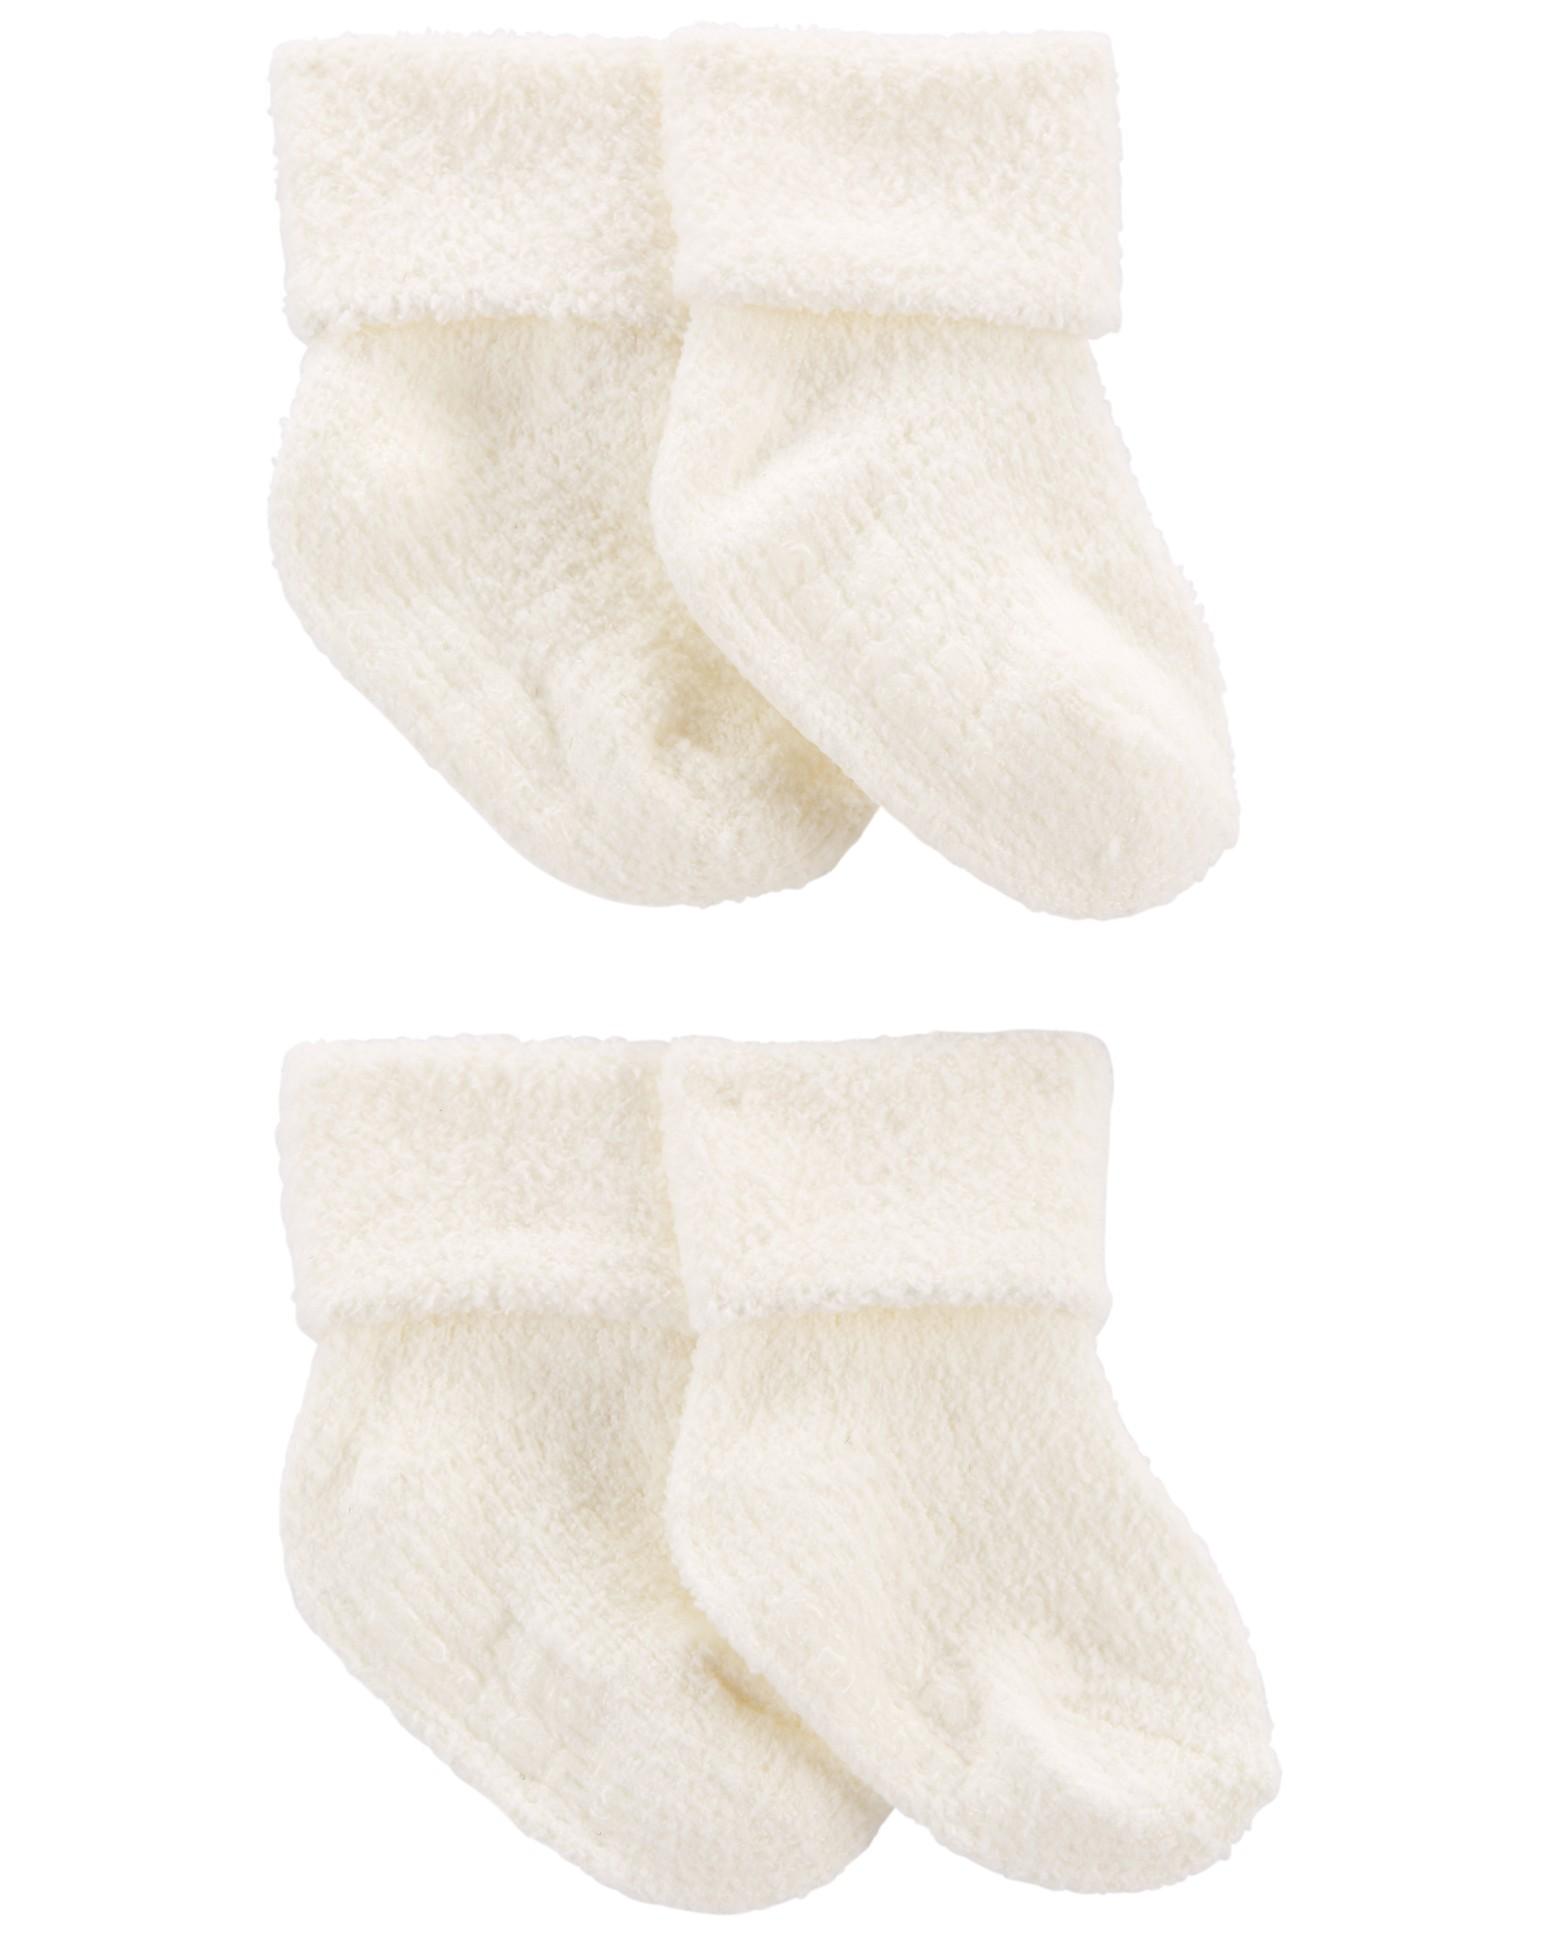 CARTER'S Ponožky White neutrál LBB 4ks 12-24m